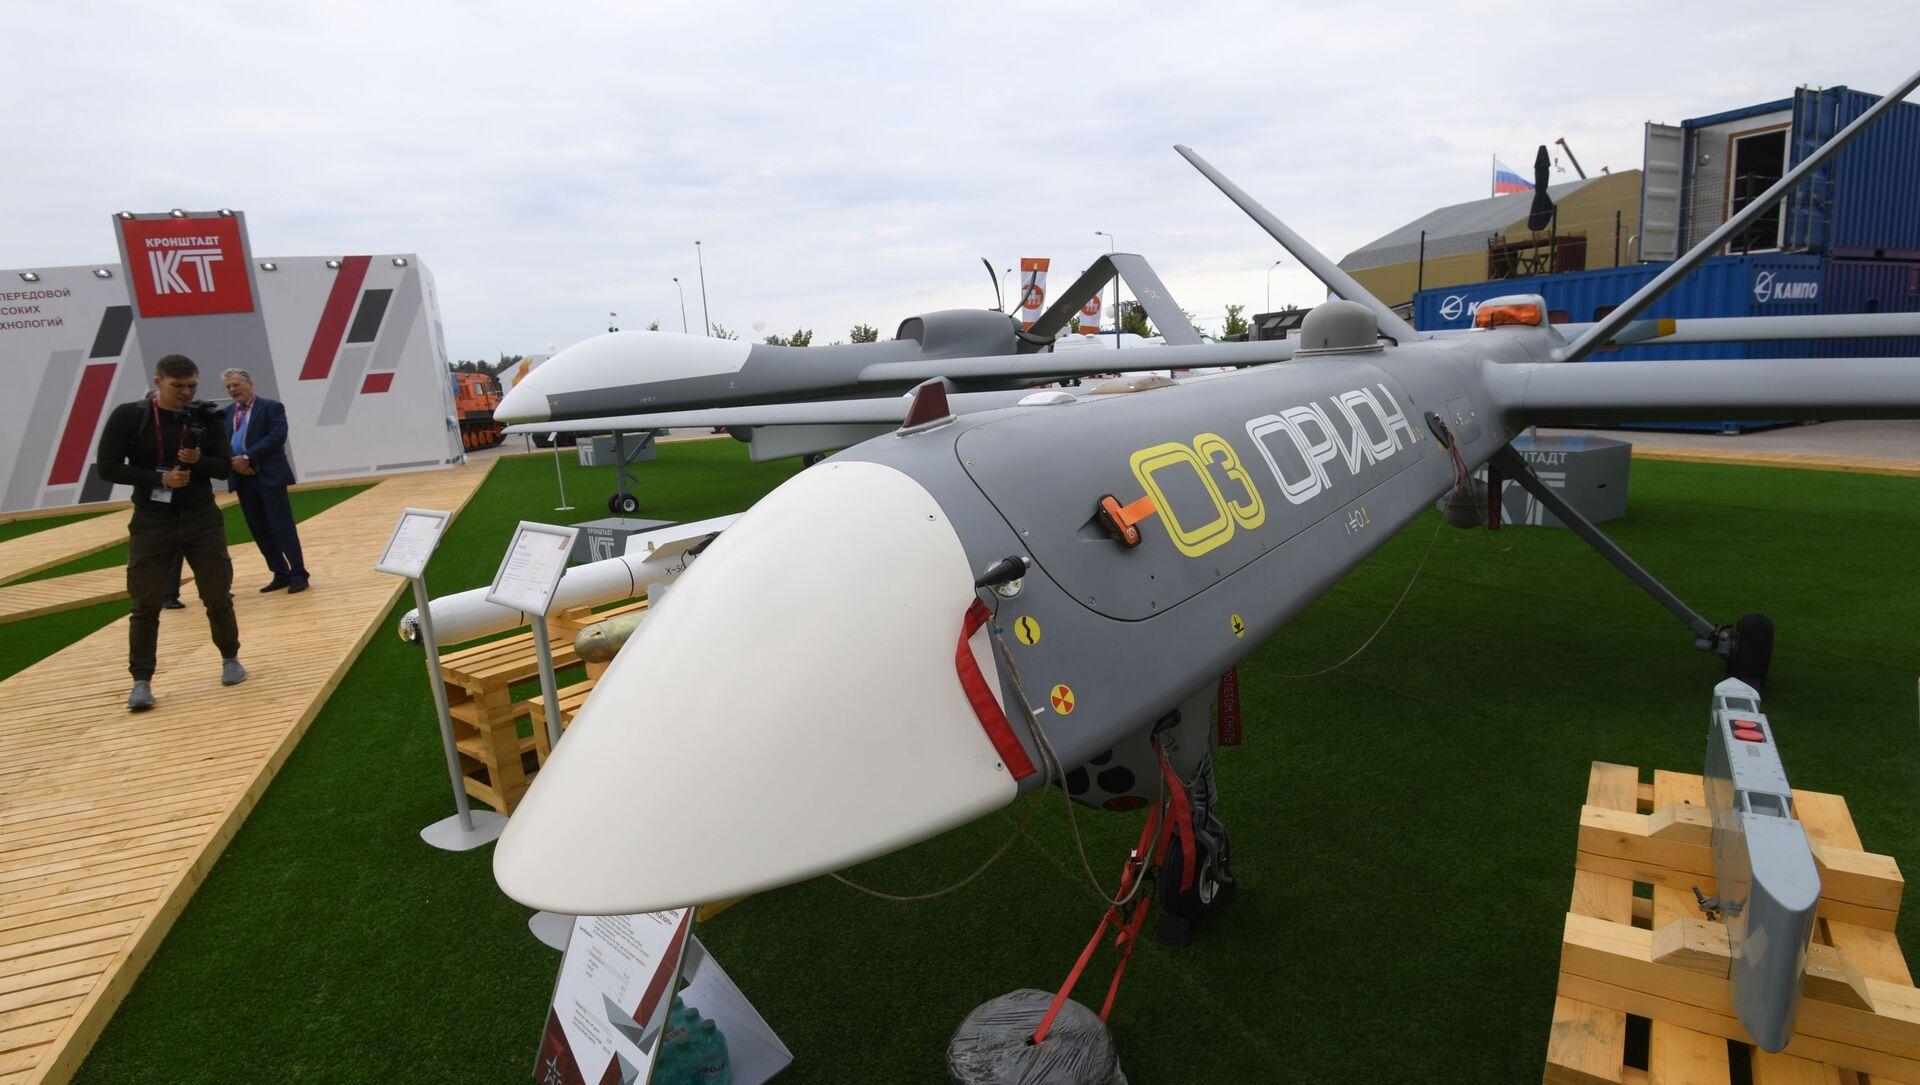 Máy bay không người lái (UAV) Orion-E của công ty Kronshtadt - Sputnik Việt Nam, 1920, 30.08.2021